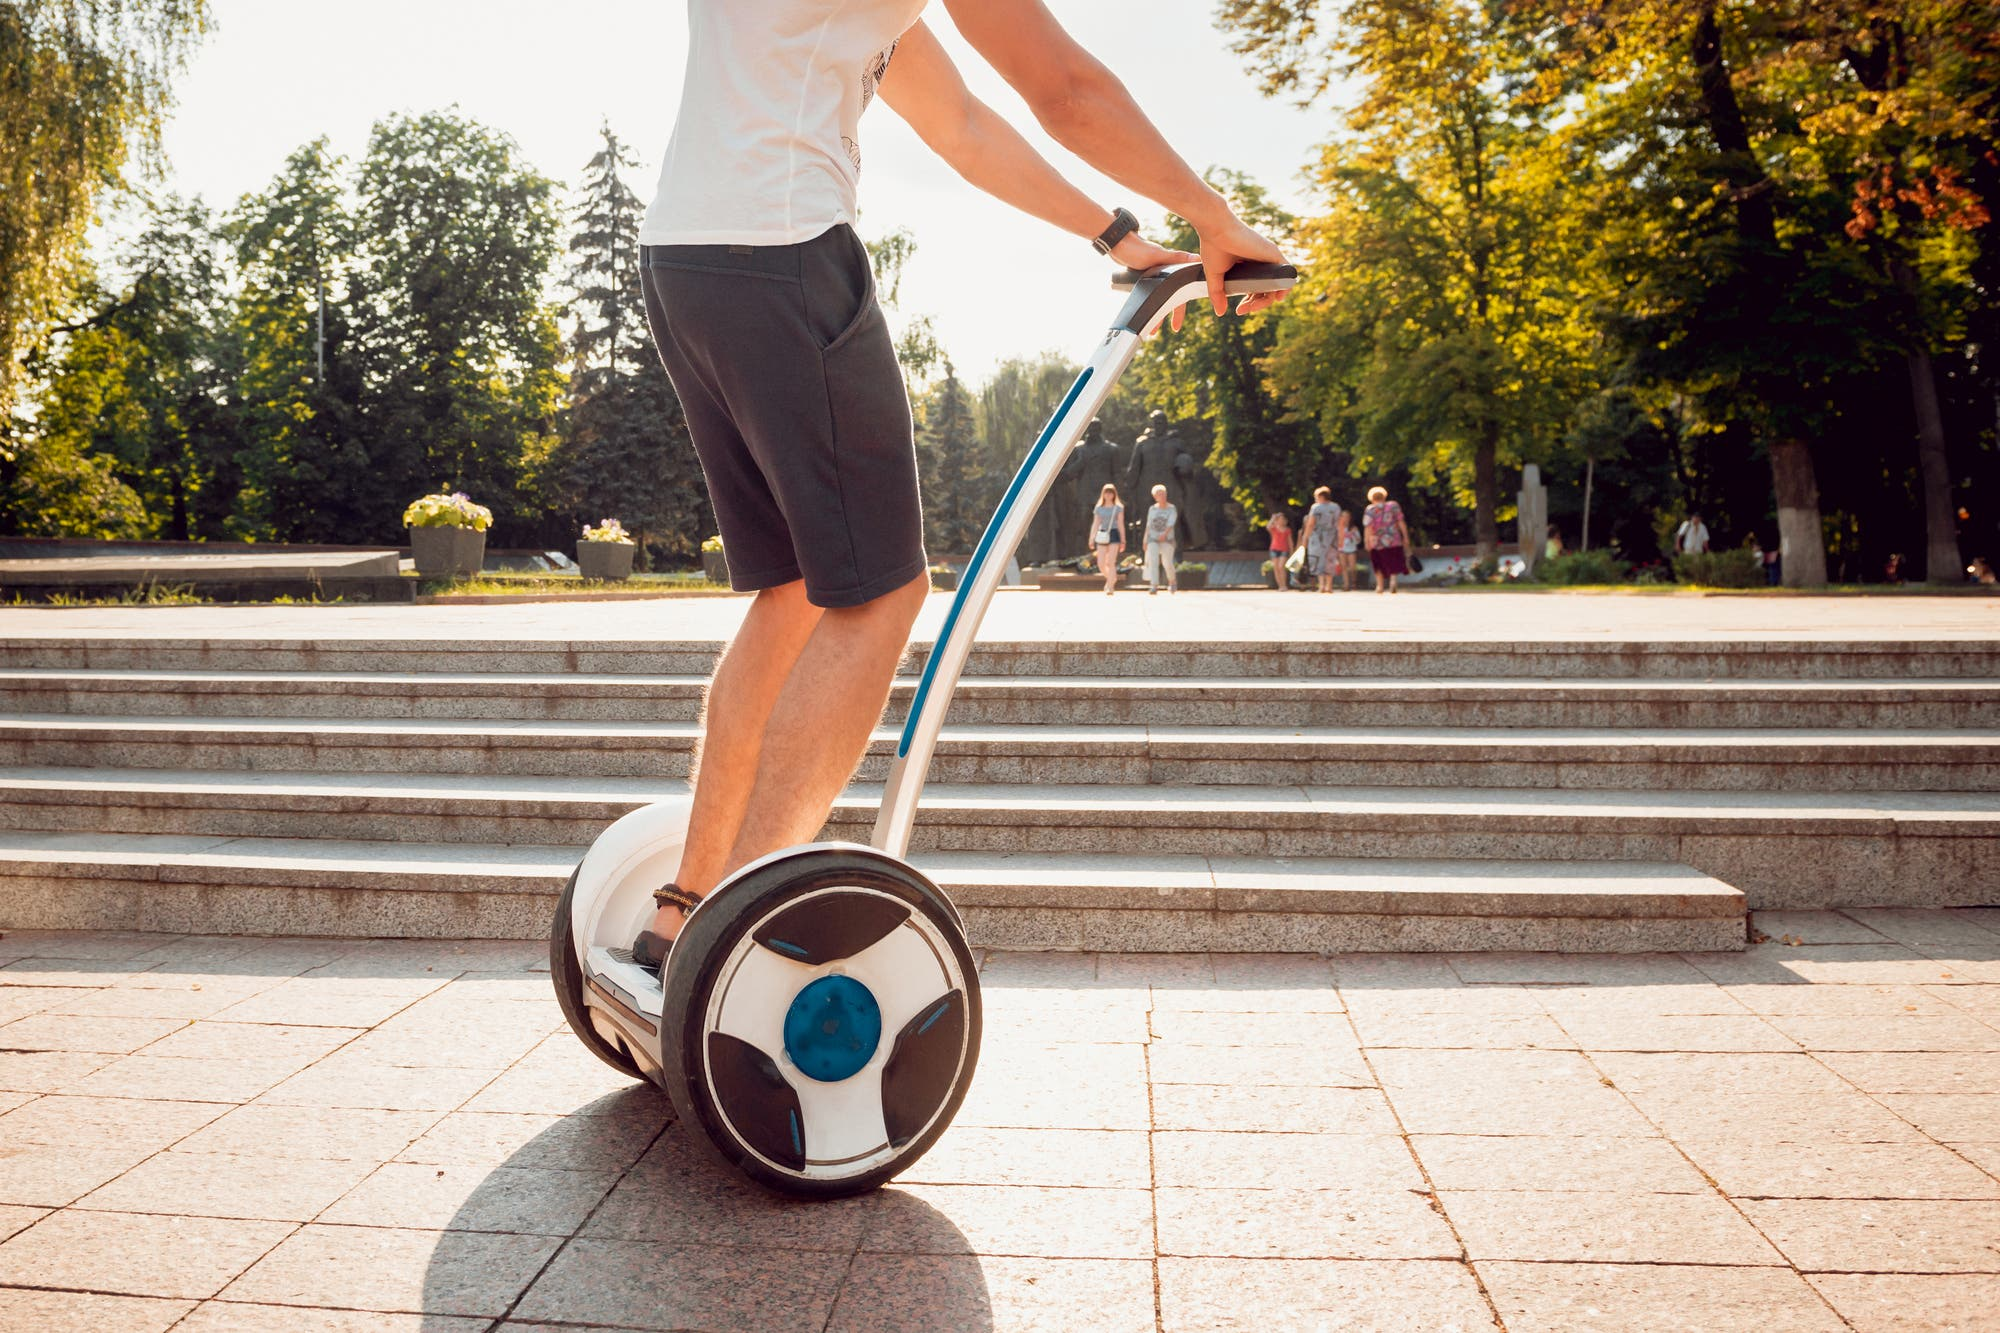 Chau Segway: Ninebot cancela la producción del vehículo eléctrico con dos ruedas